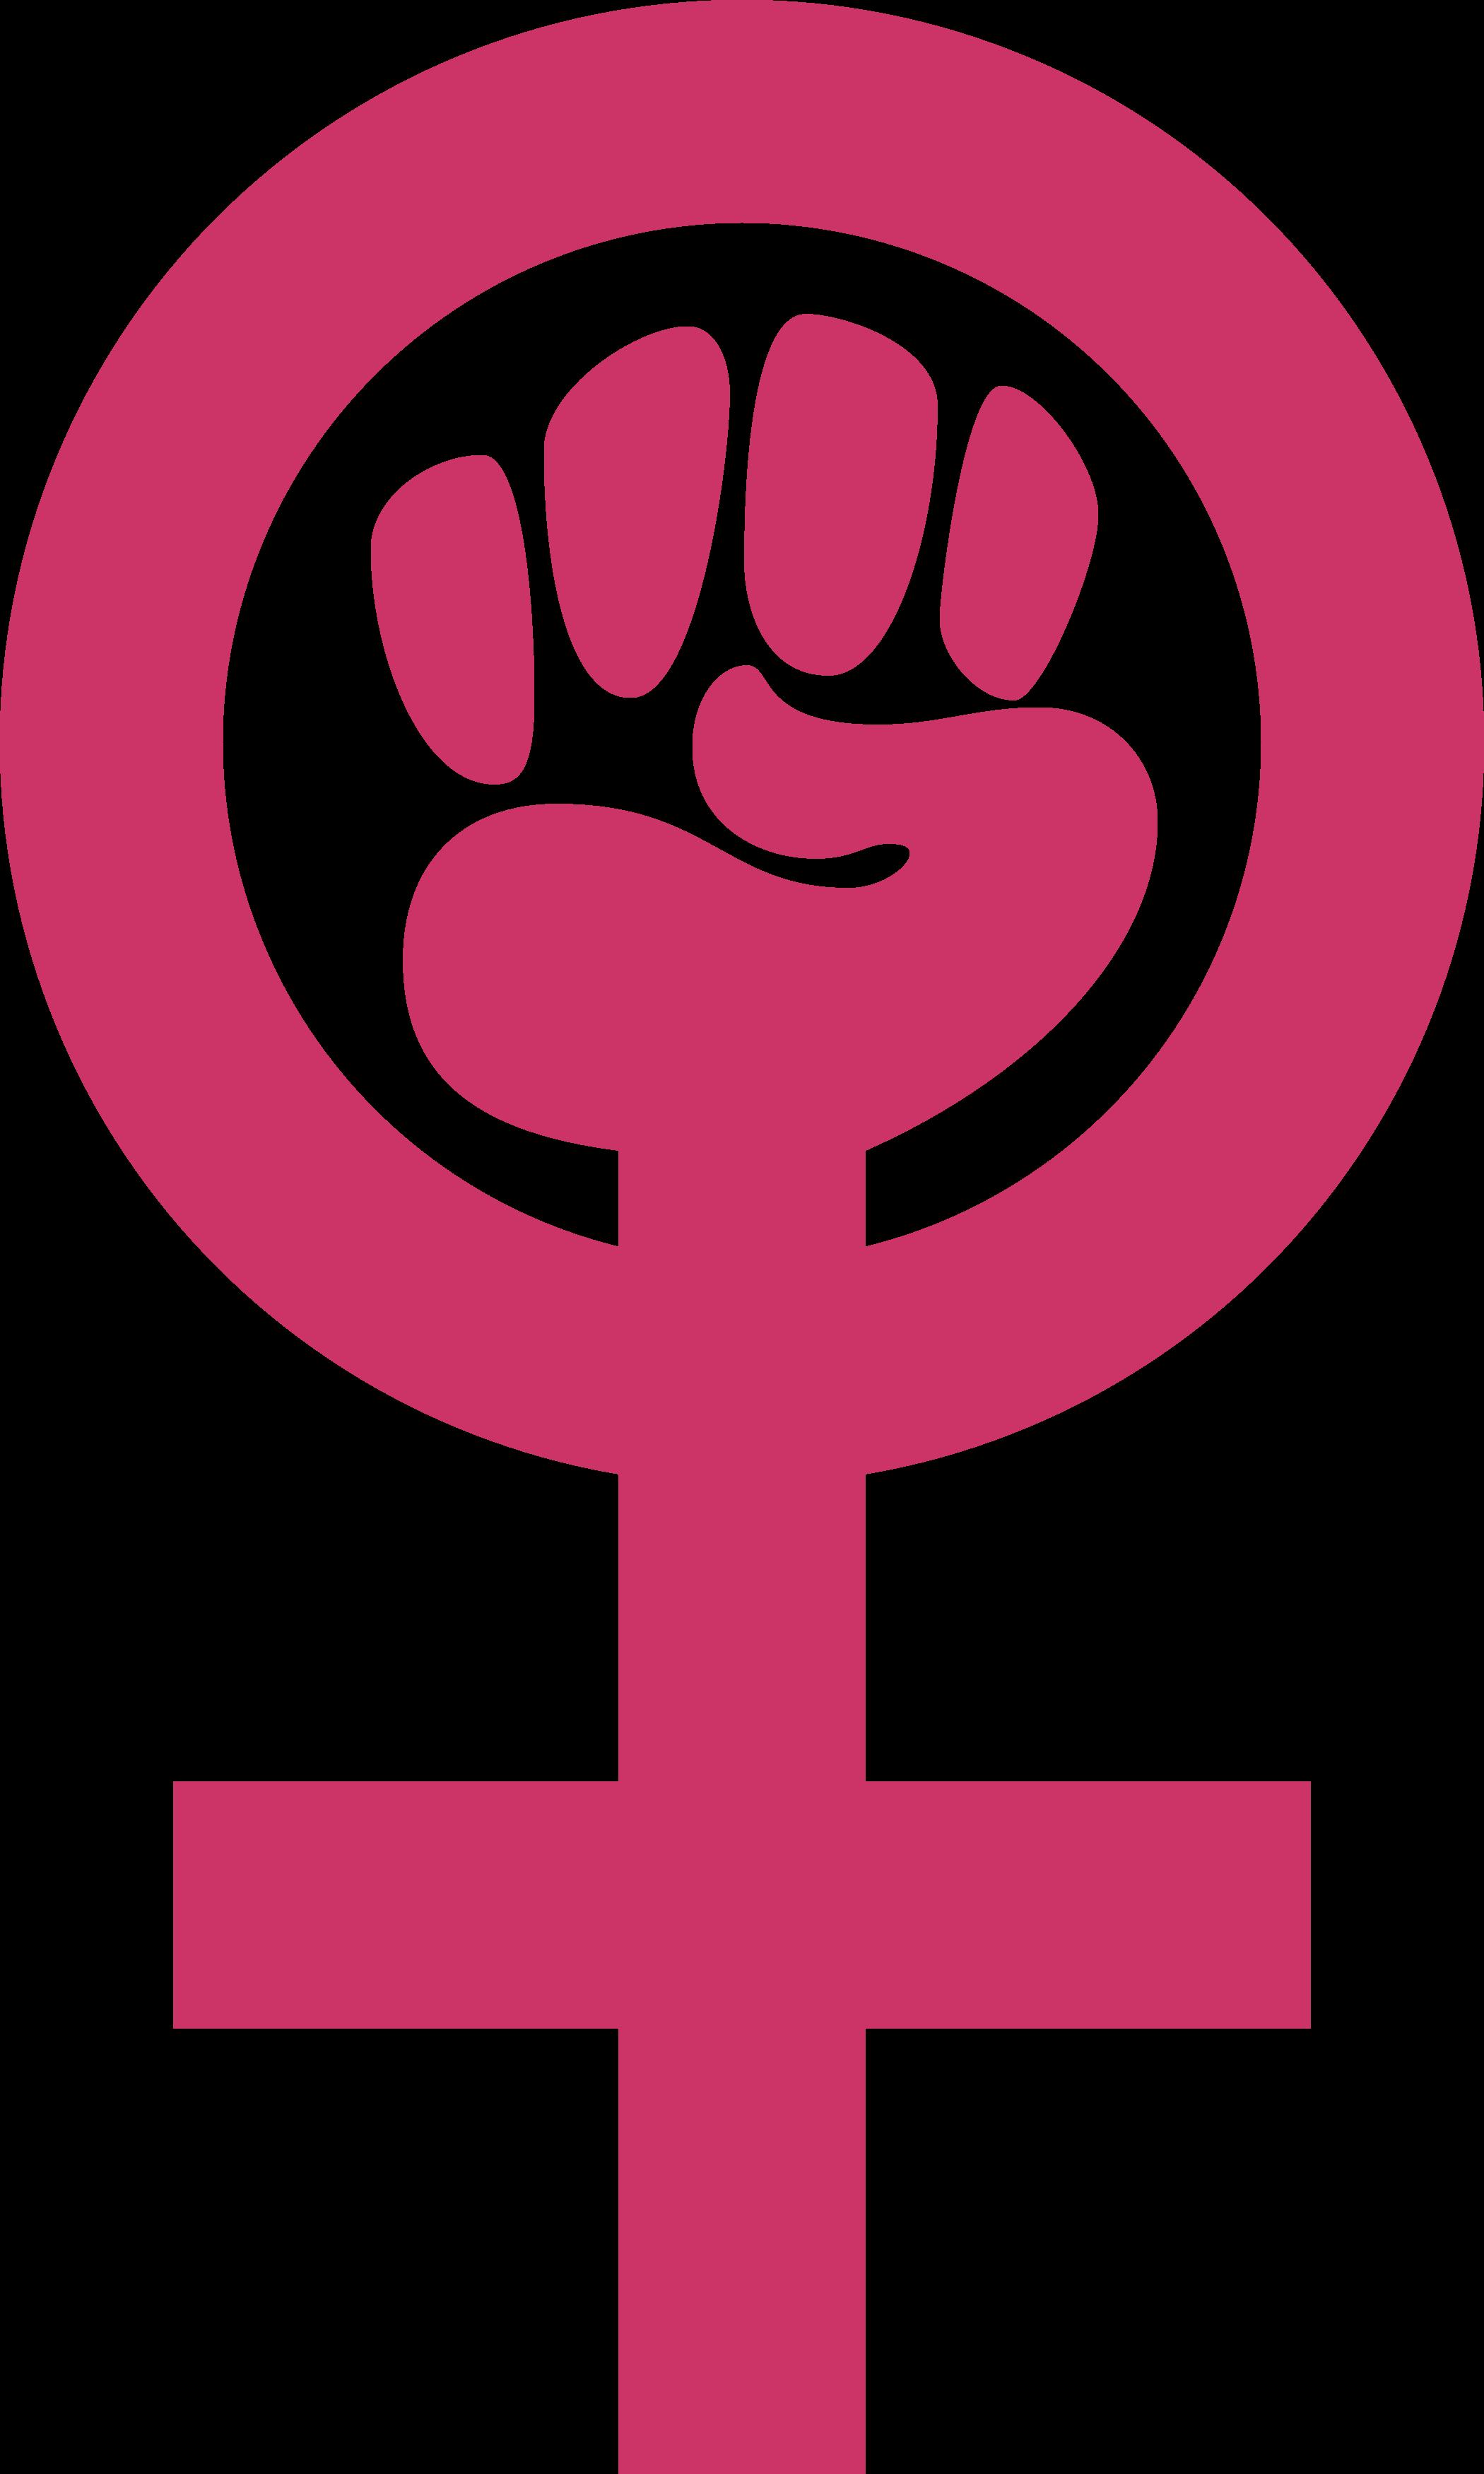 feminismo-simbolo-1